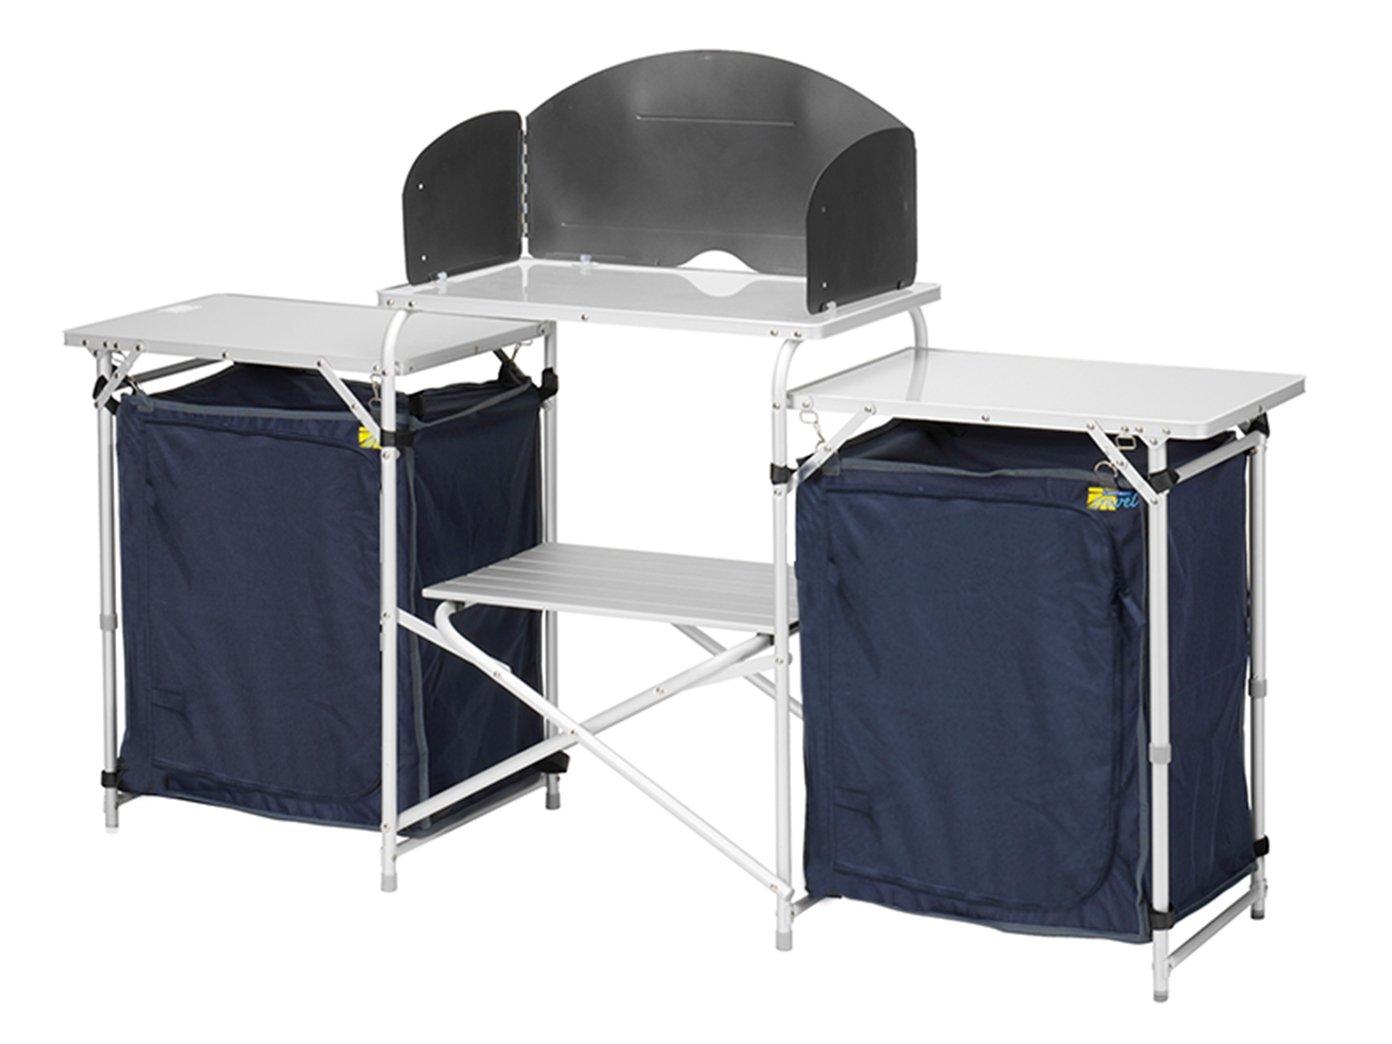 XXL Campingküche & Schrank faltbar im Set - zum OUTDOOR KOCHEN & WOHNEN - Küchenschrank Kleiderschrank